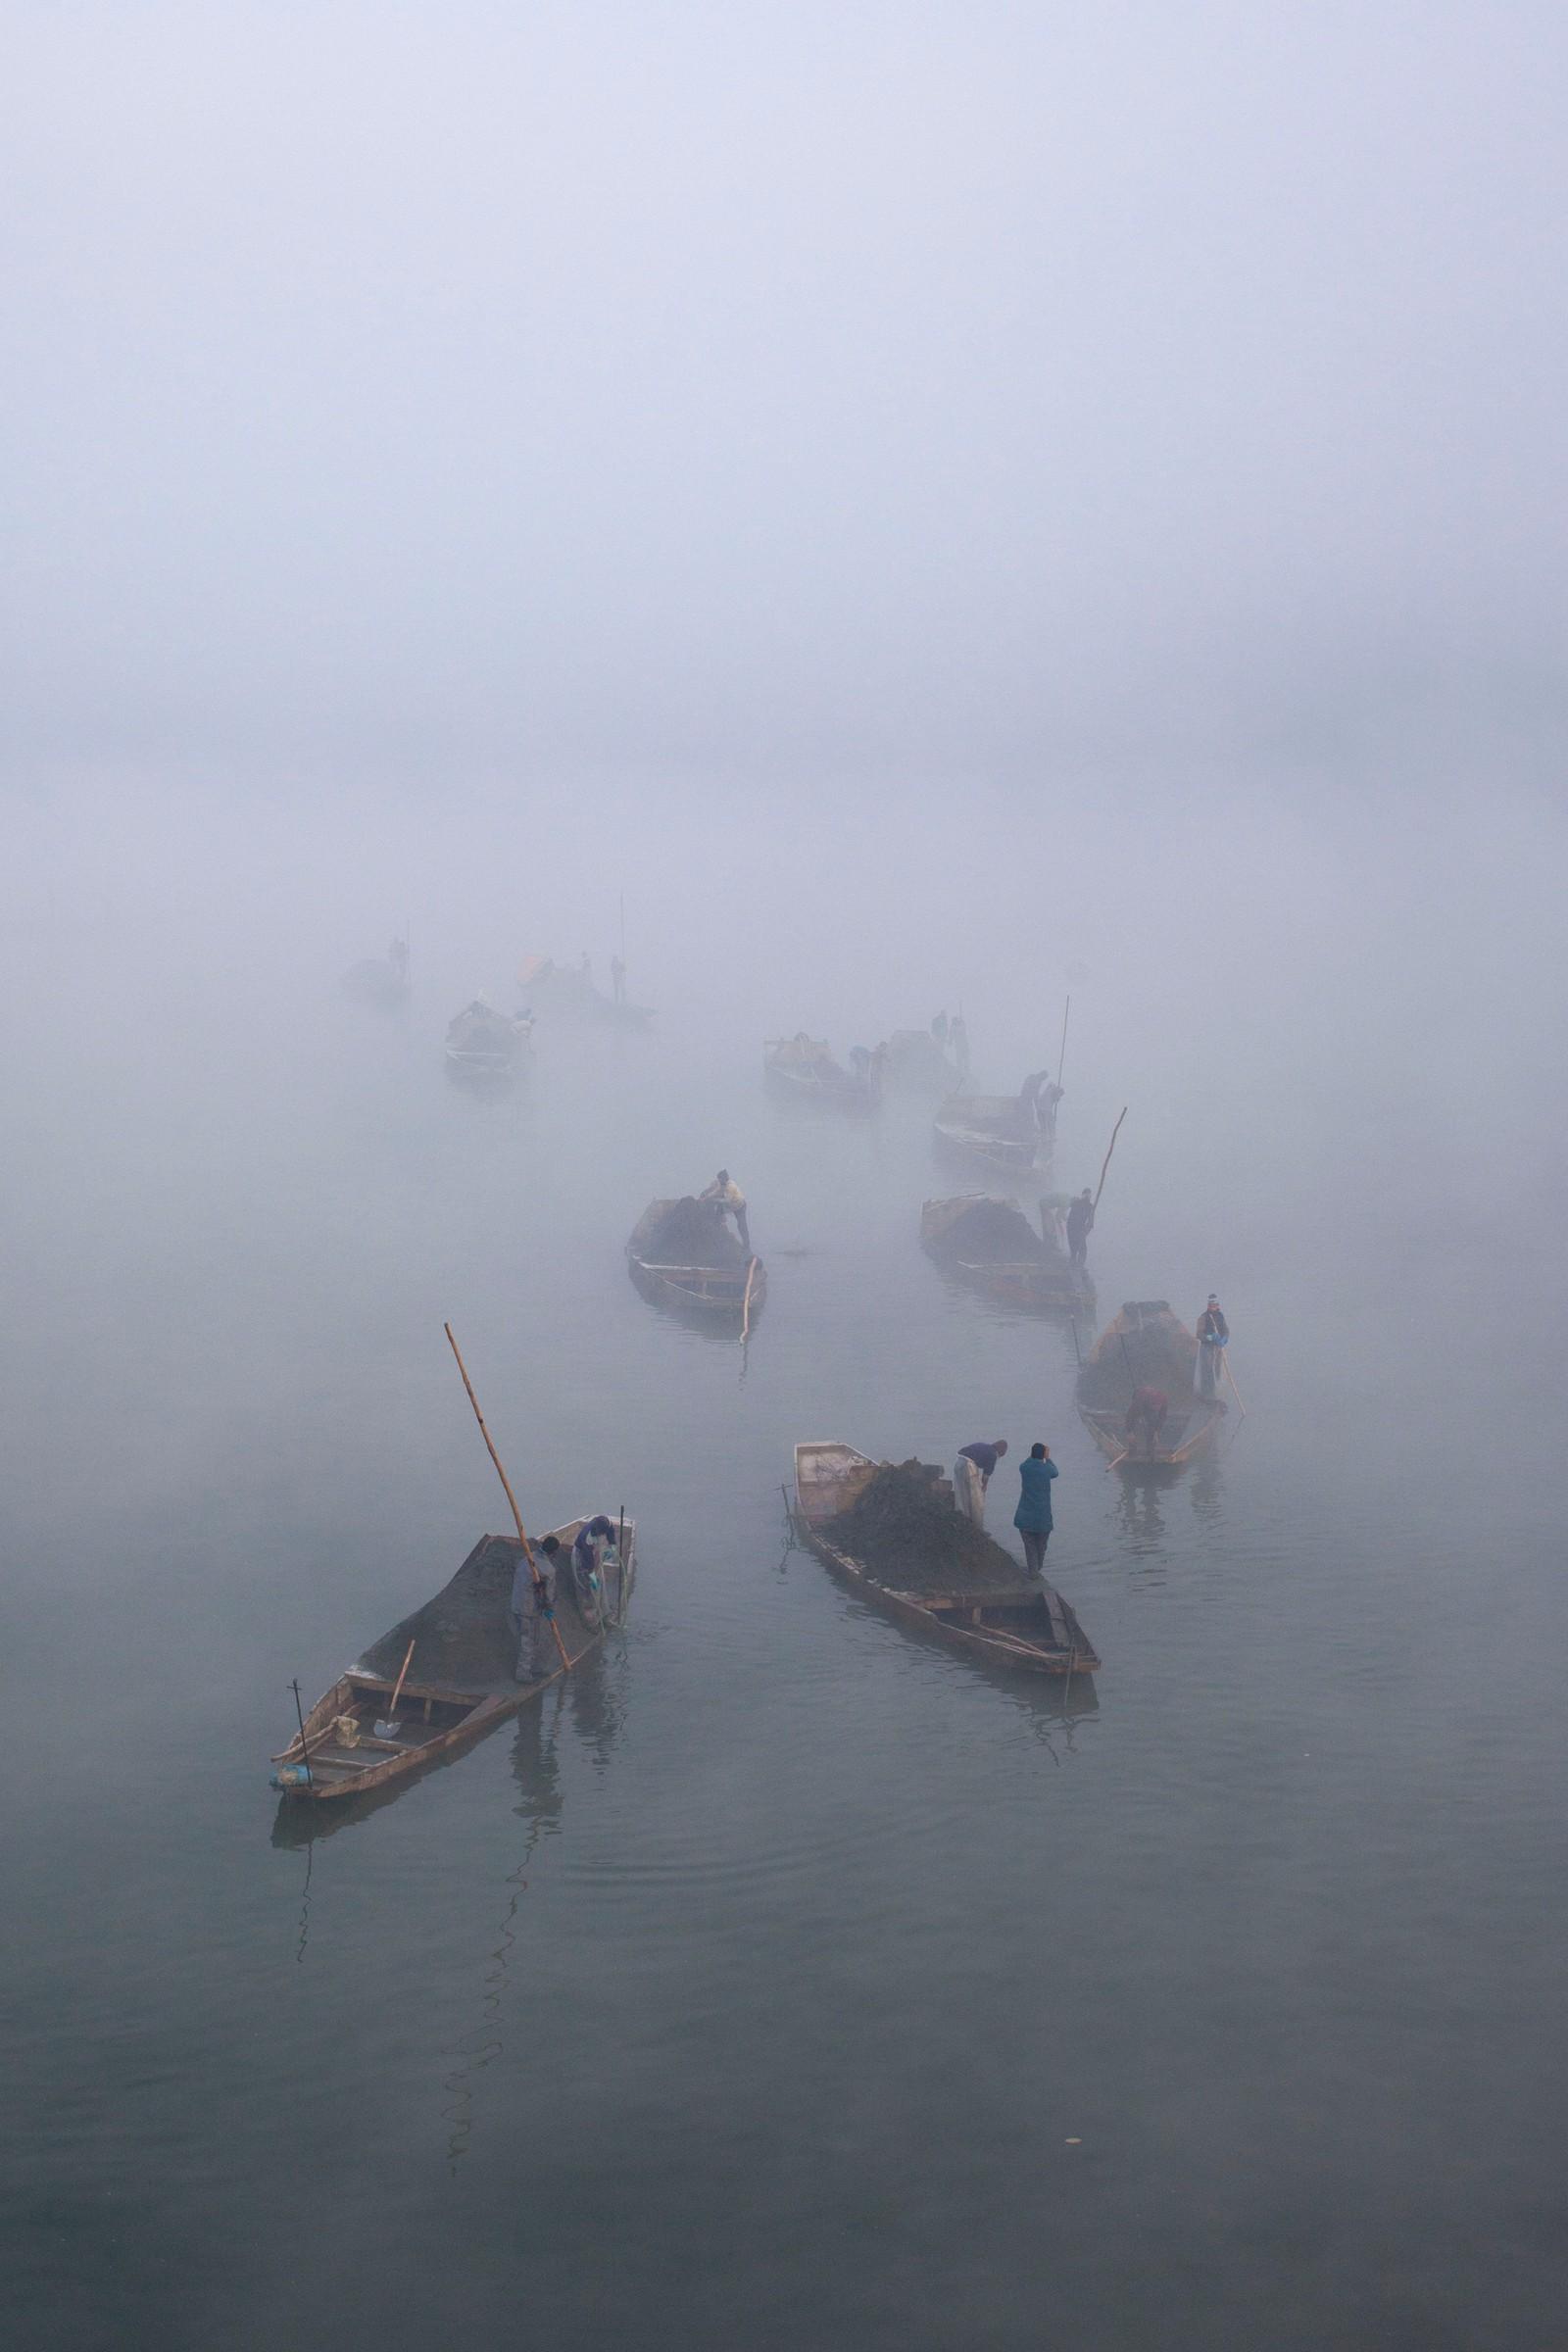 Båtmenn fra Kashmir samler sand i elva Jhelum omringa av tåke. Den indiske delen av Kashmir har opplevd lave temperaturer i det siste.